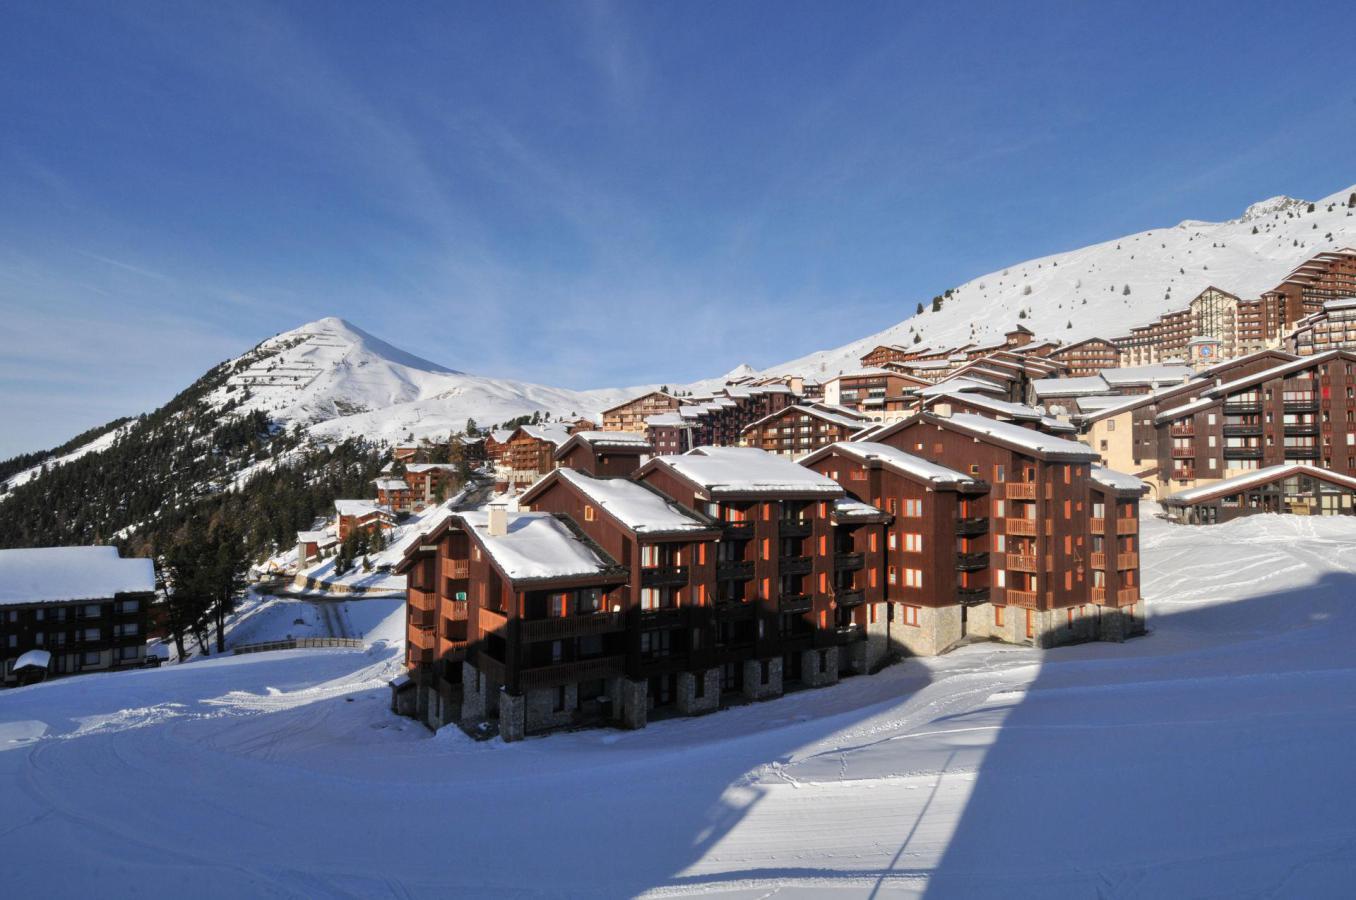 Residence turquoise la plagne location vacances ski la plagne ski planet - Office tourisme la plagne centre ...